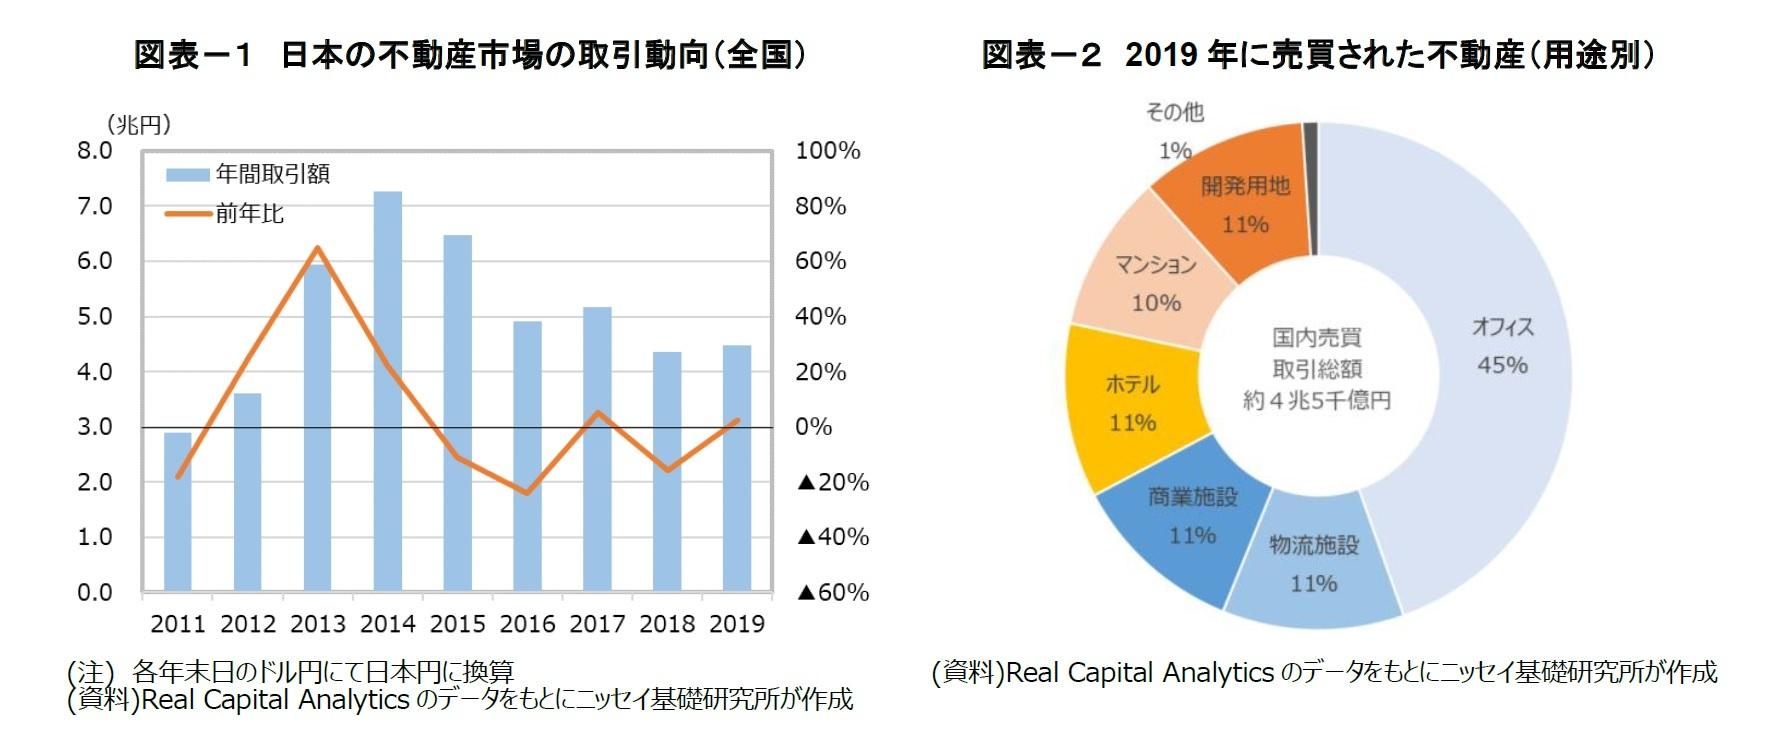 図表-1 日本の不動産市場の取引動向(全国)/図表-2 2019年に売買された不動産(用途別)